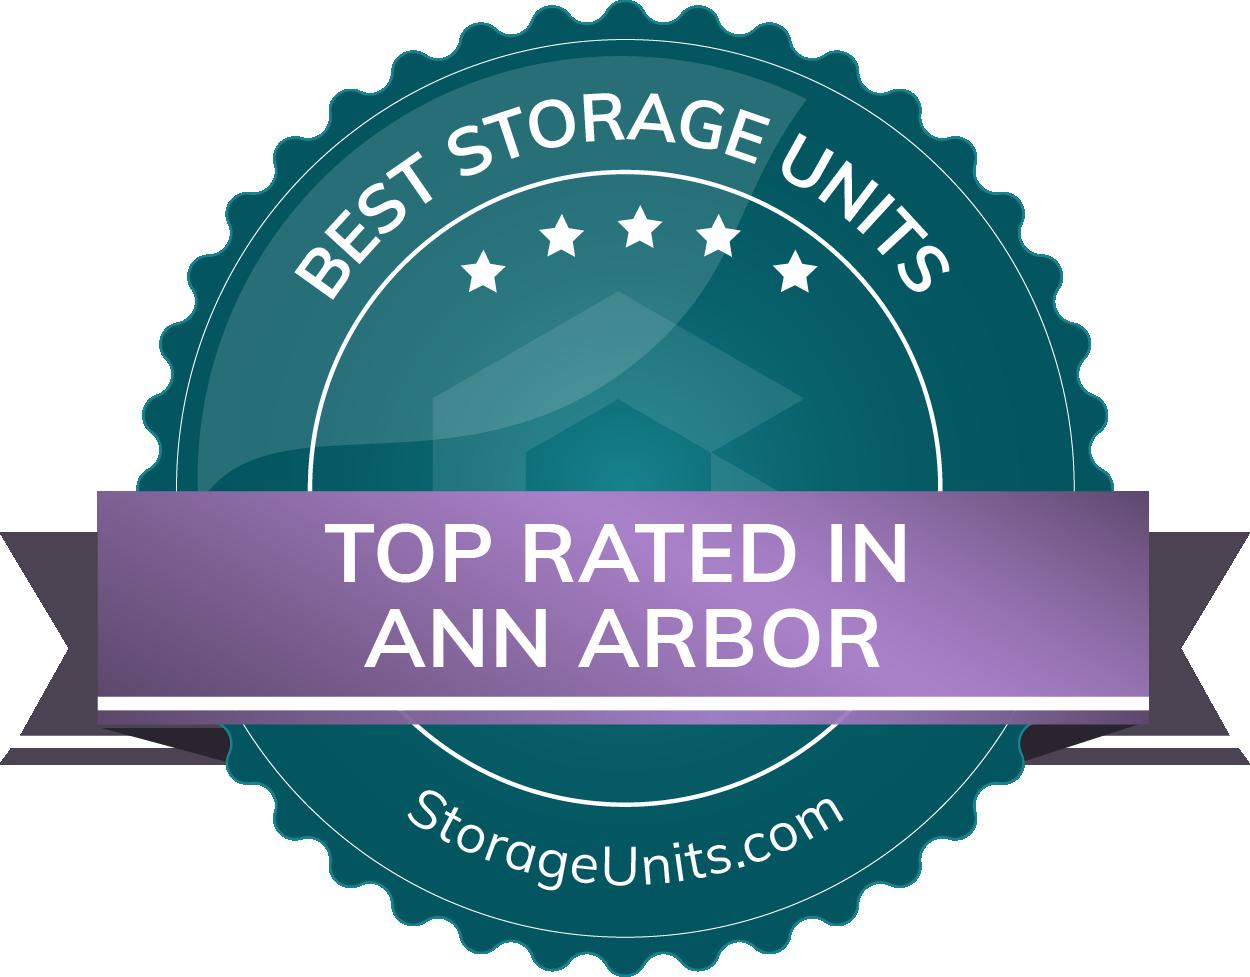 Best Self Storage Units in Ann Arbor, MI